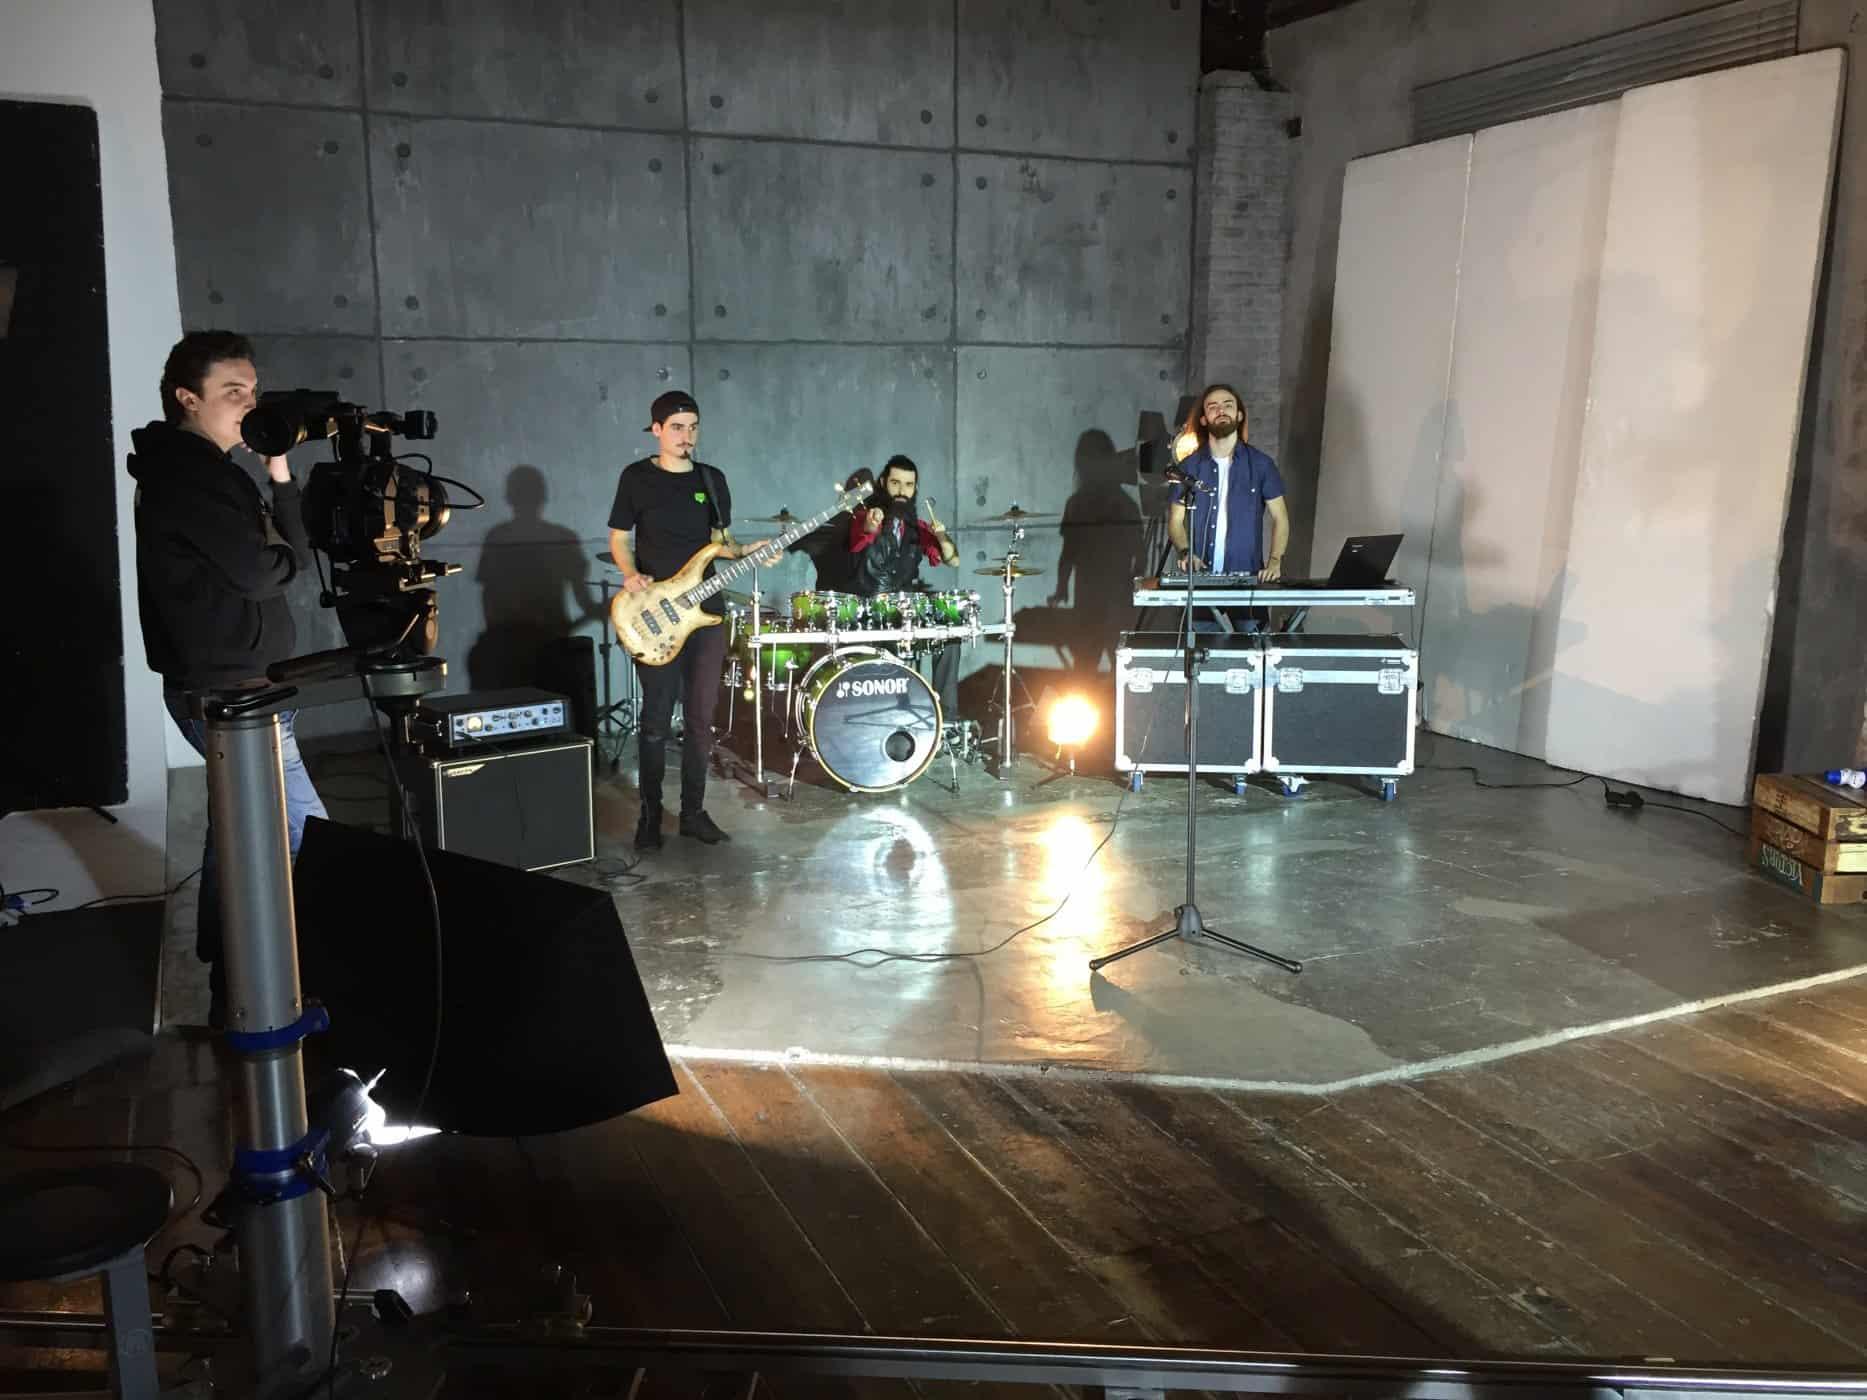 videoclip-musicali-videoproduzioni-postproduzione-band-artisti-emergenti-video-riprese (3)